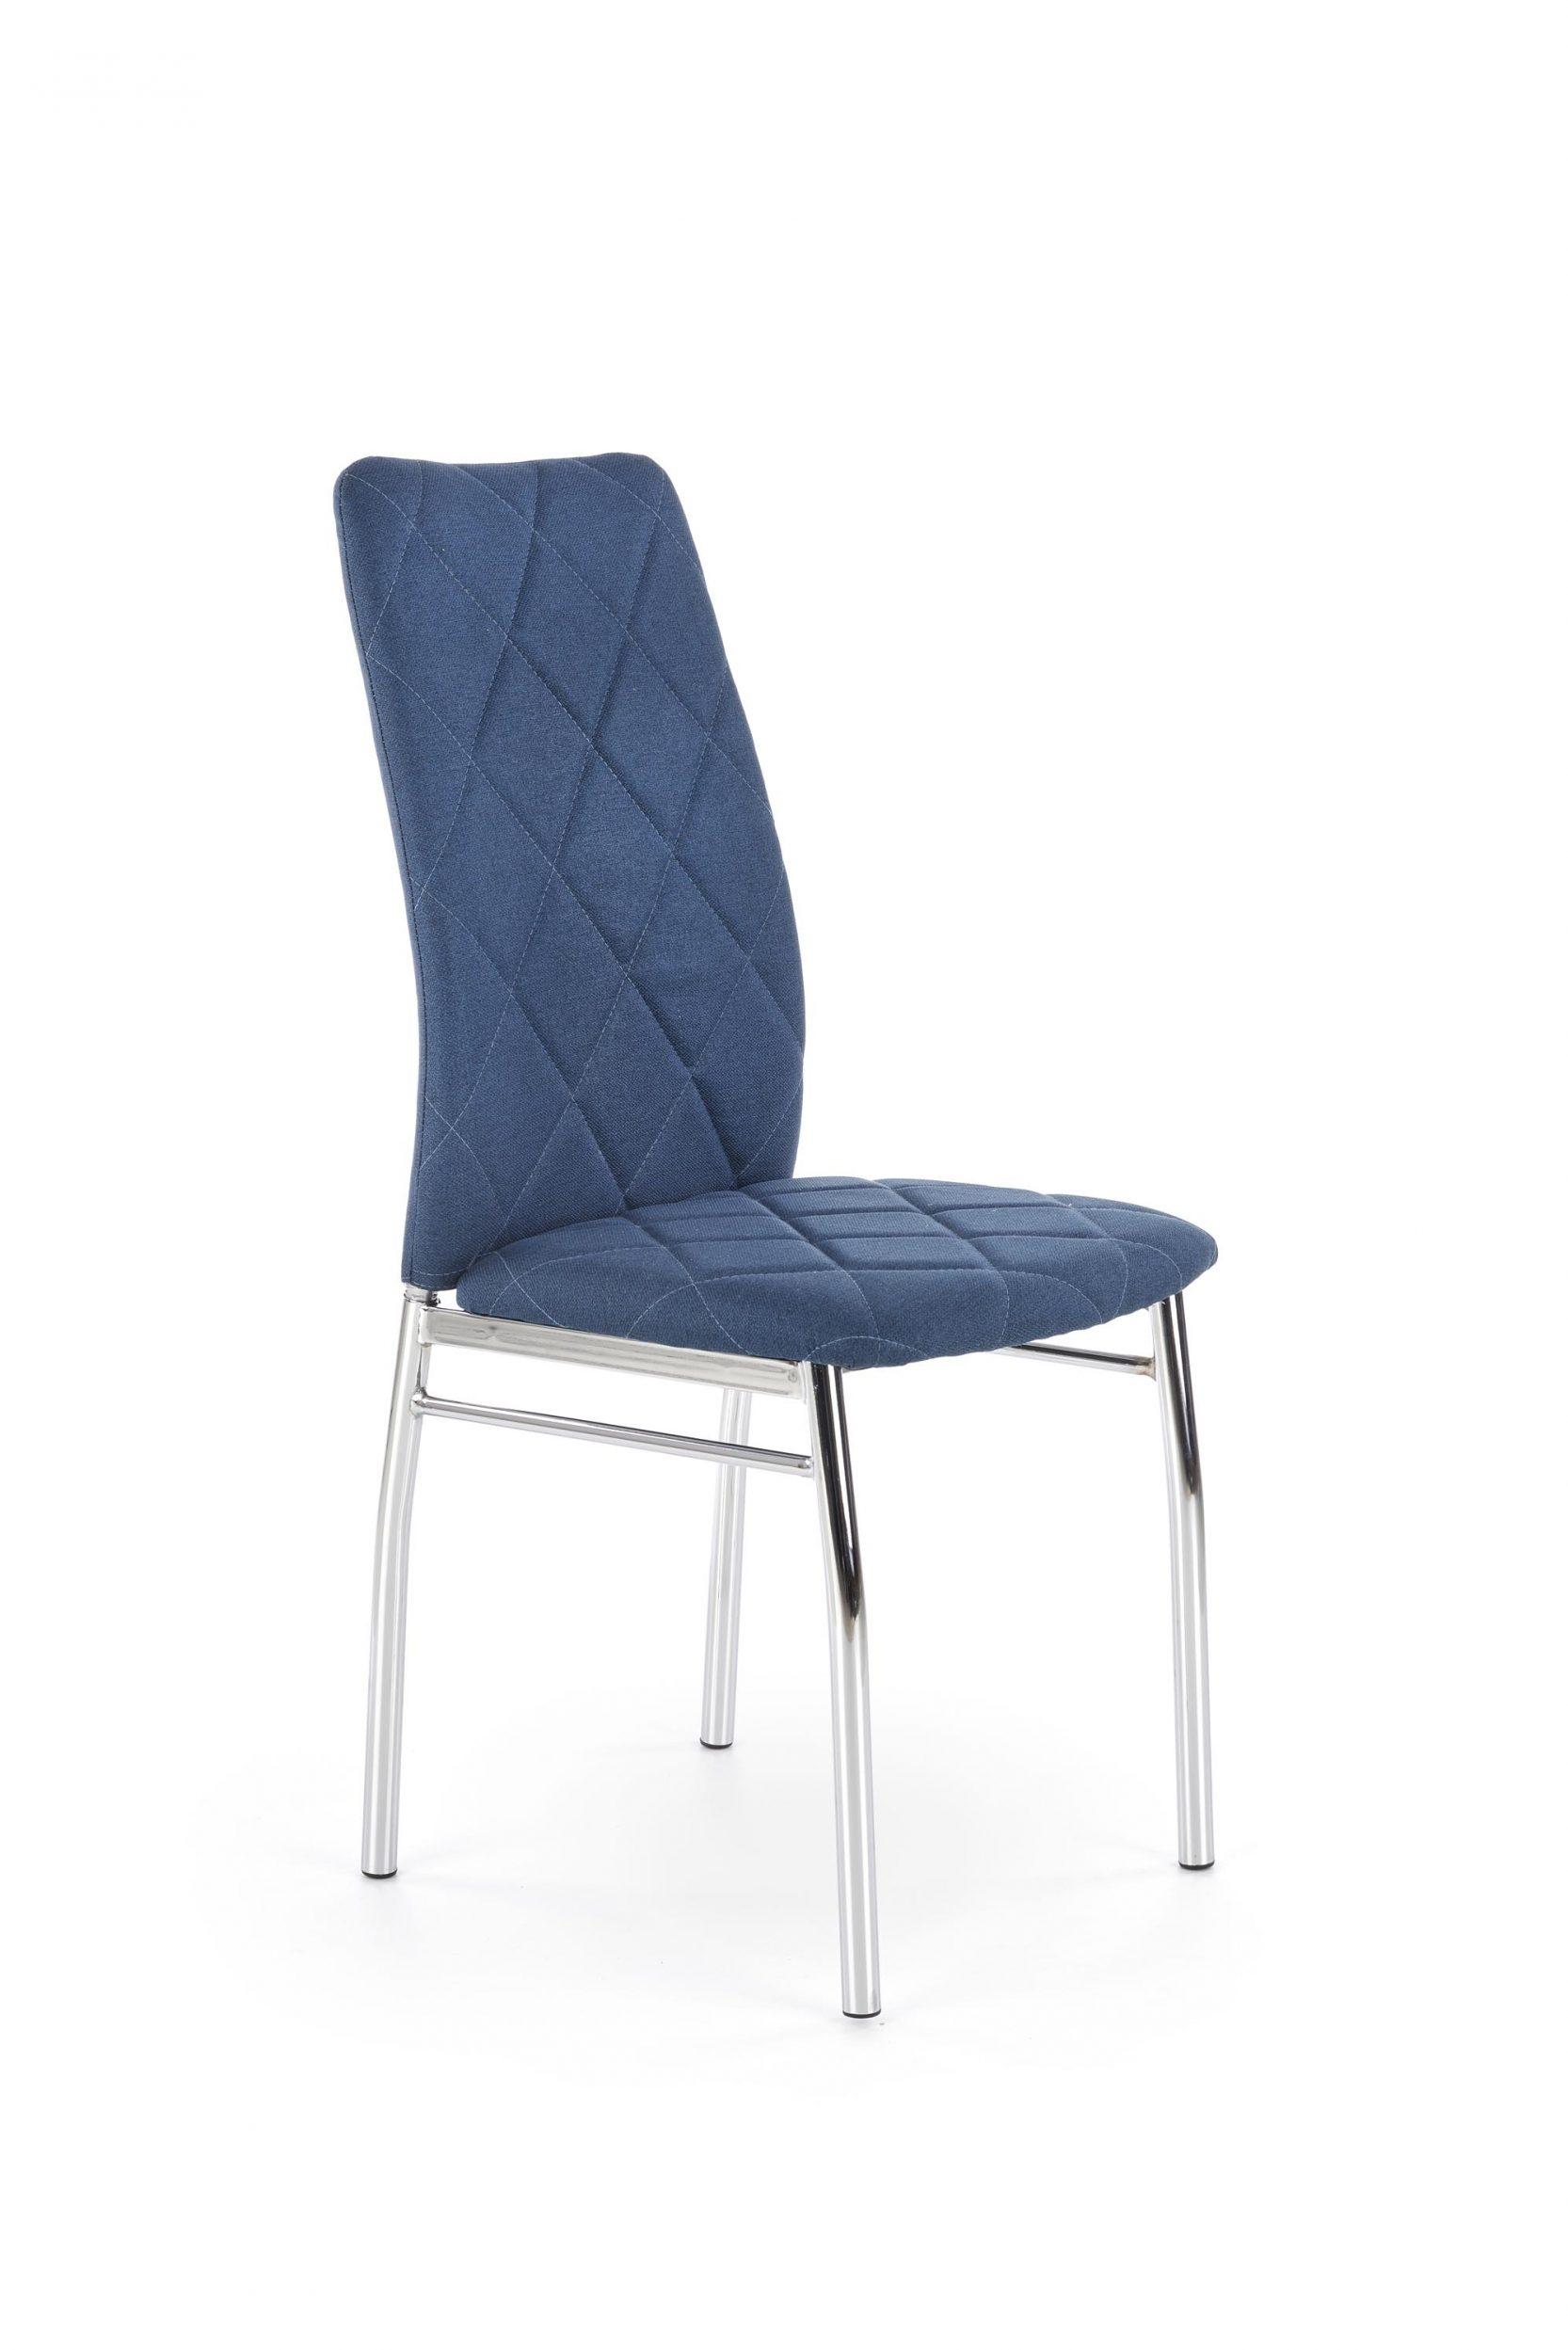 Scaun tapitat cu stofa, cu picioare metalice K309 Albastru / Crom, l43xA57xH97 cm